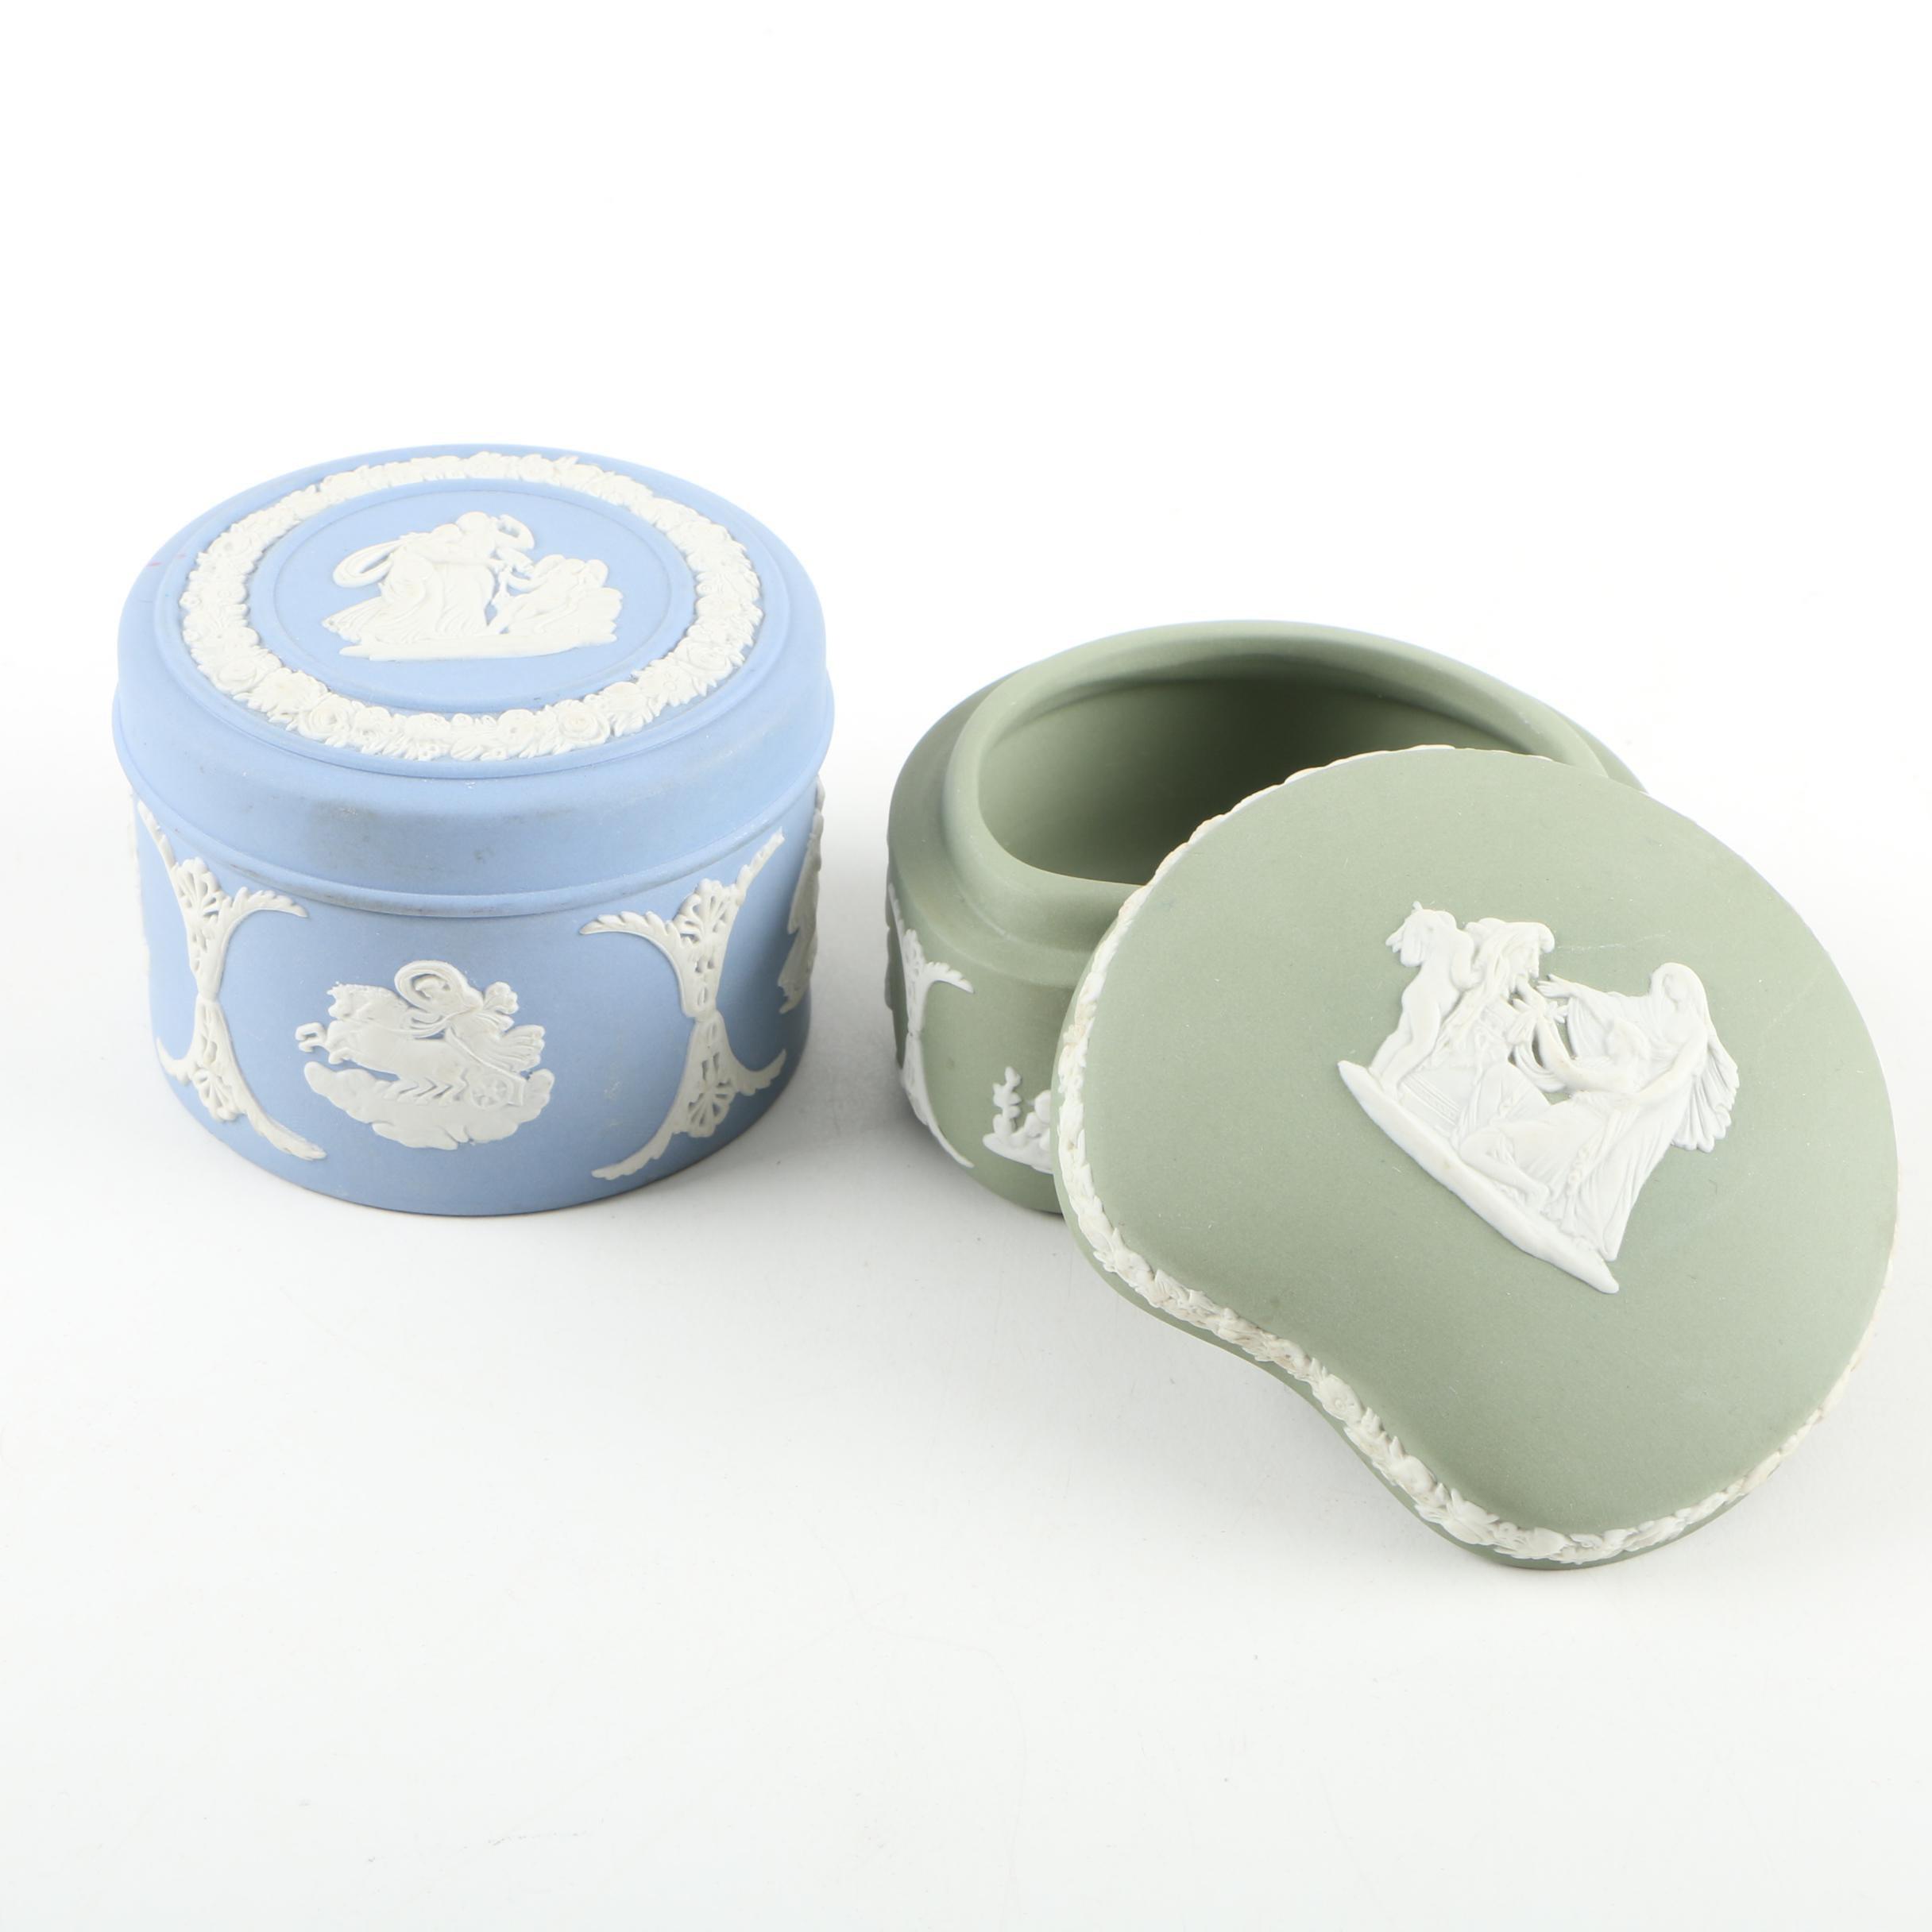 Wedgwood Jasperware Trinket Boxes